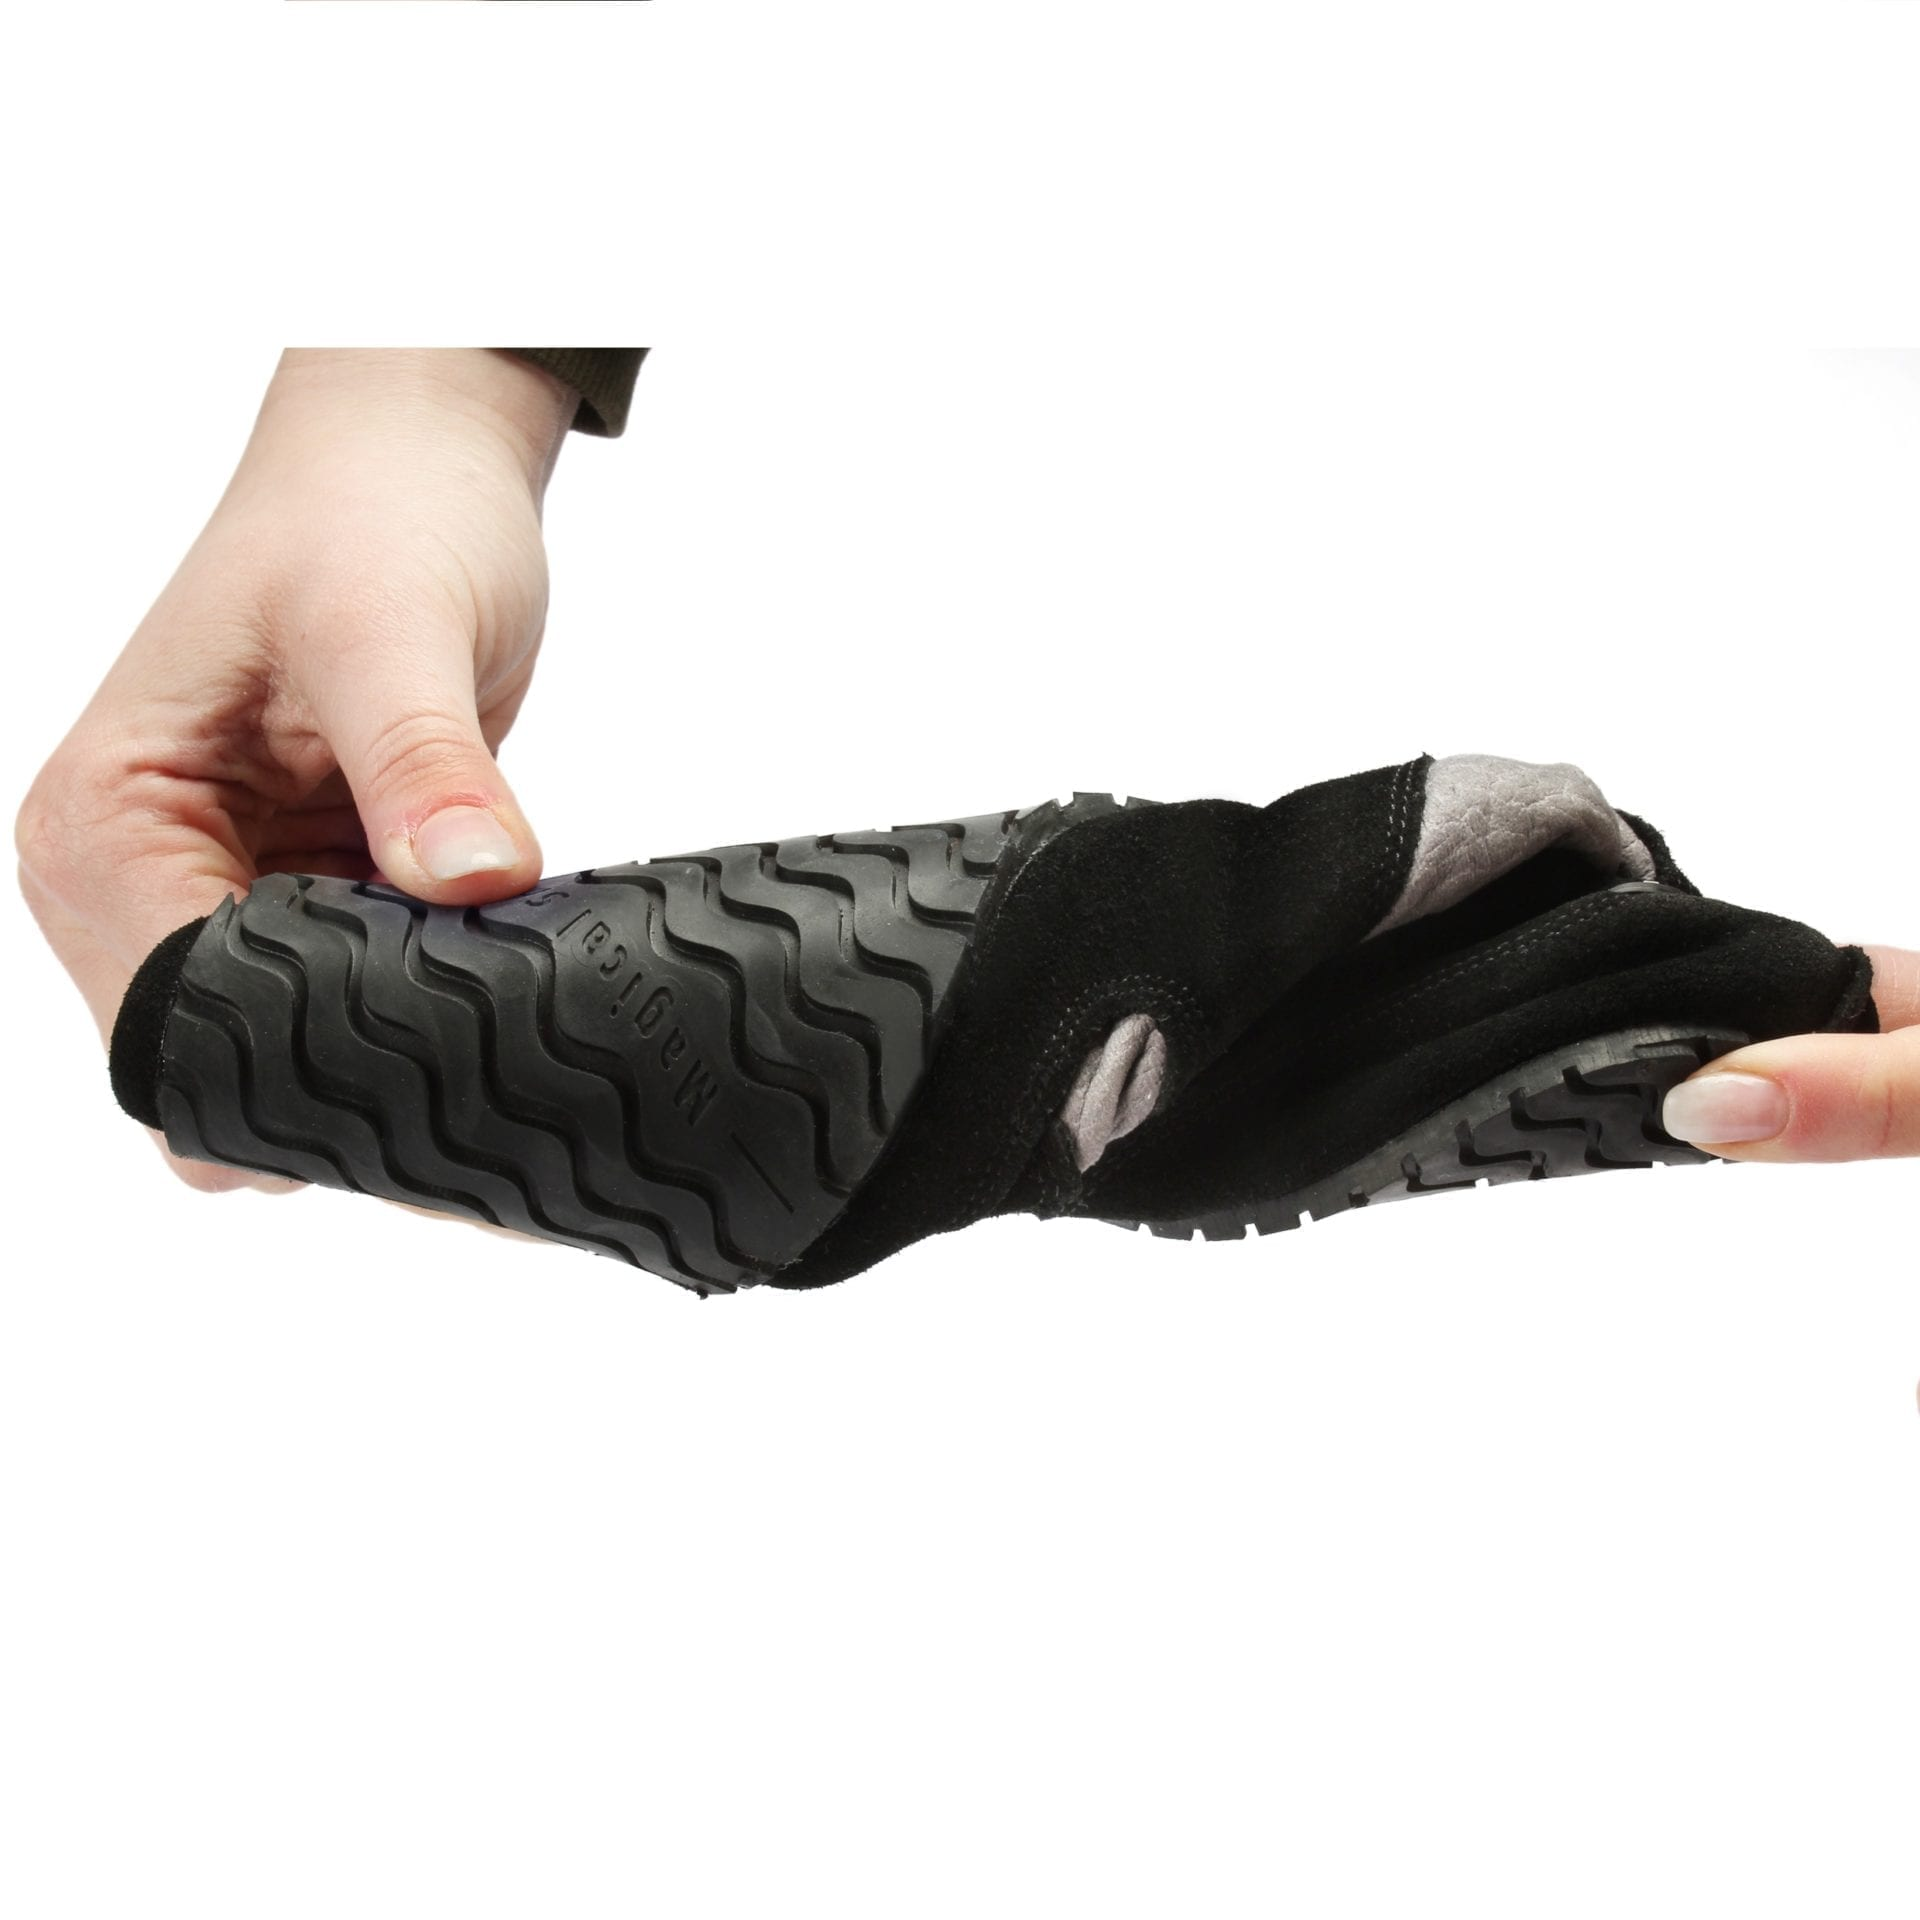 běžecké boty naboso ručně vyrobené boty pro přirozený běh chůze široká obuv pohodlná obuv obuv přírodní